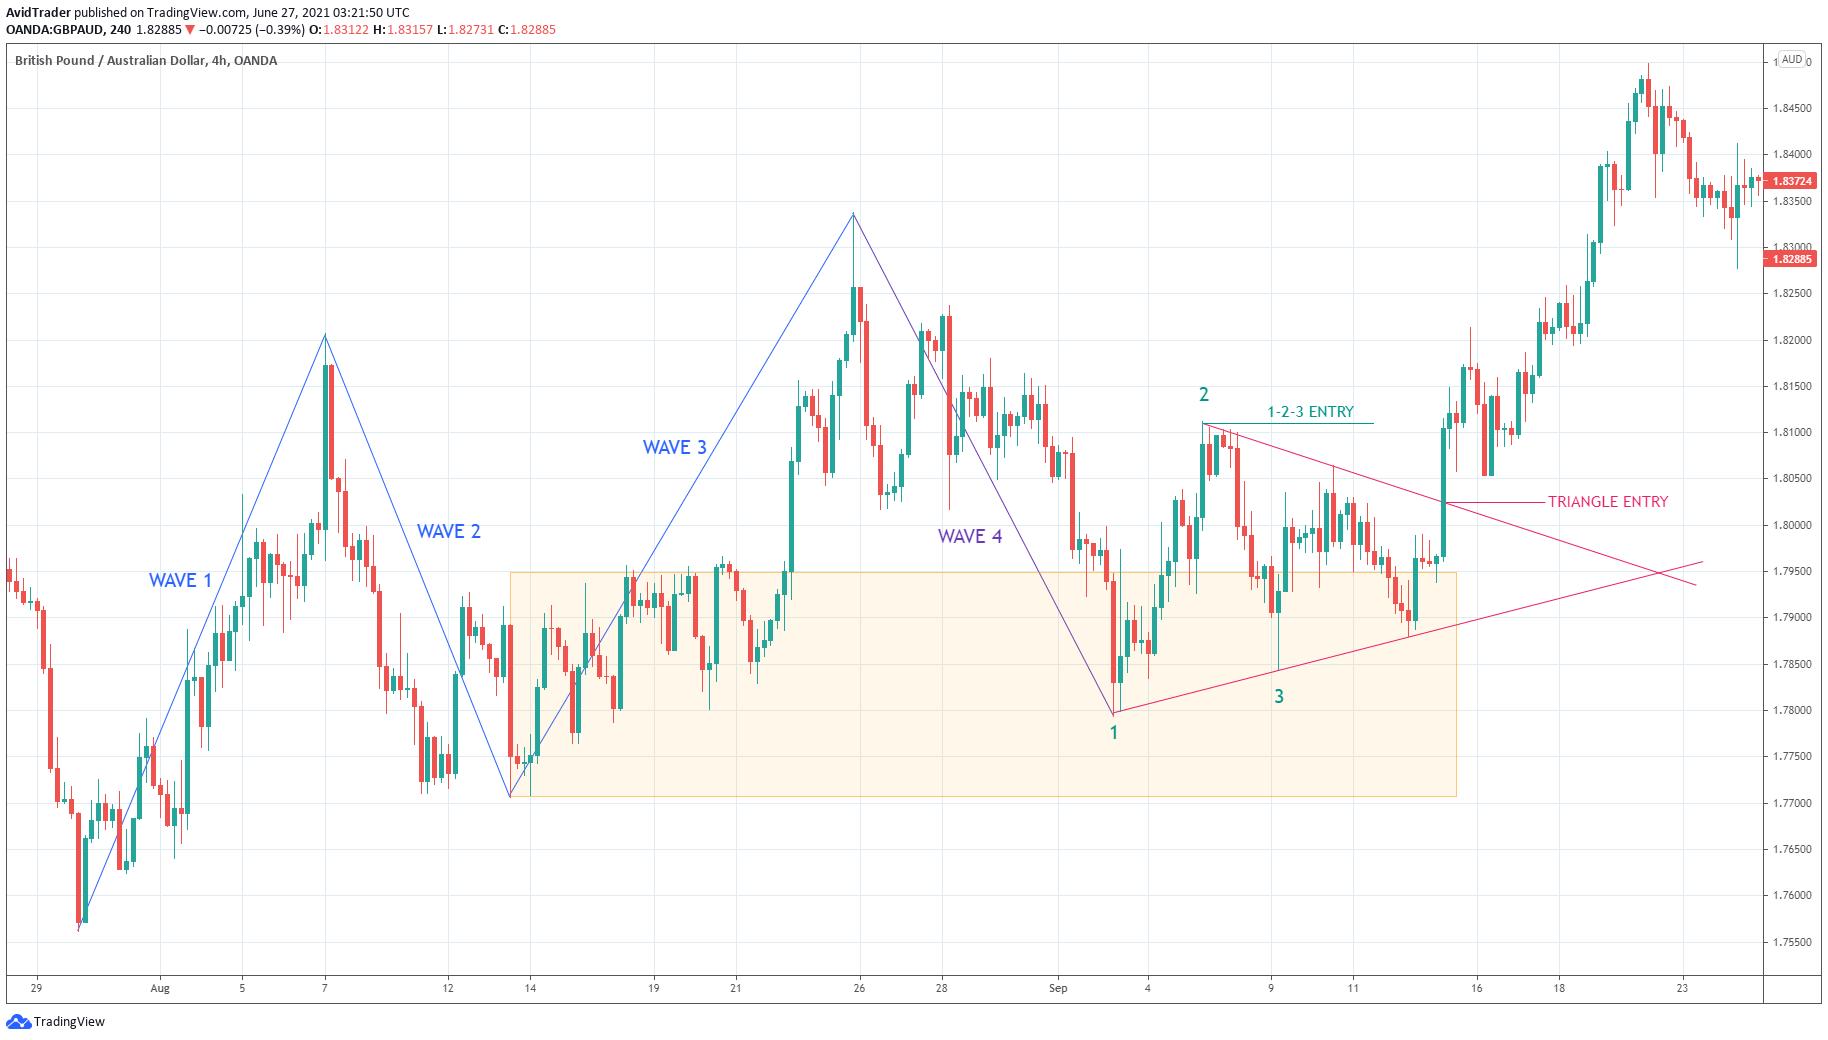 Australian Dollar/U.S.Dollar_4h_waves, triangle entry